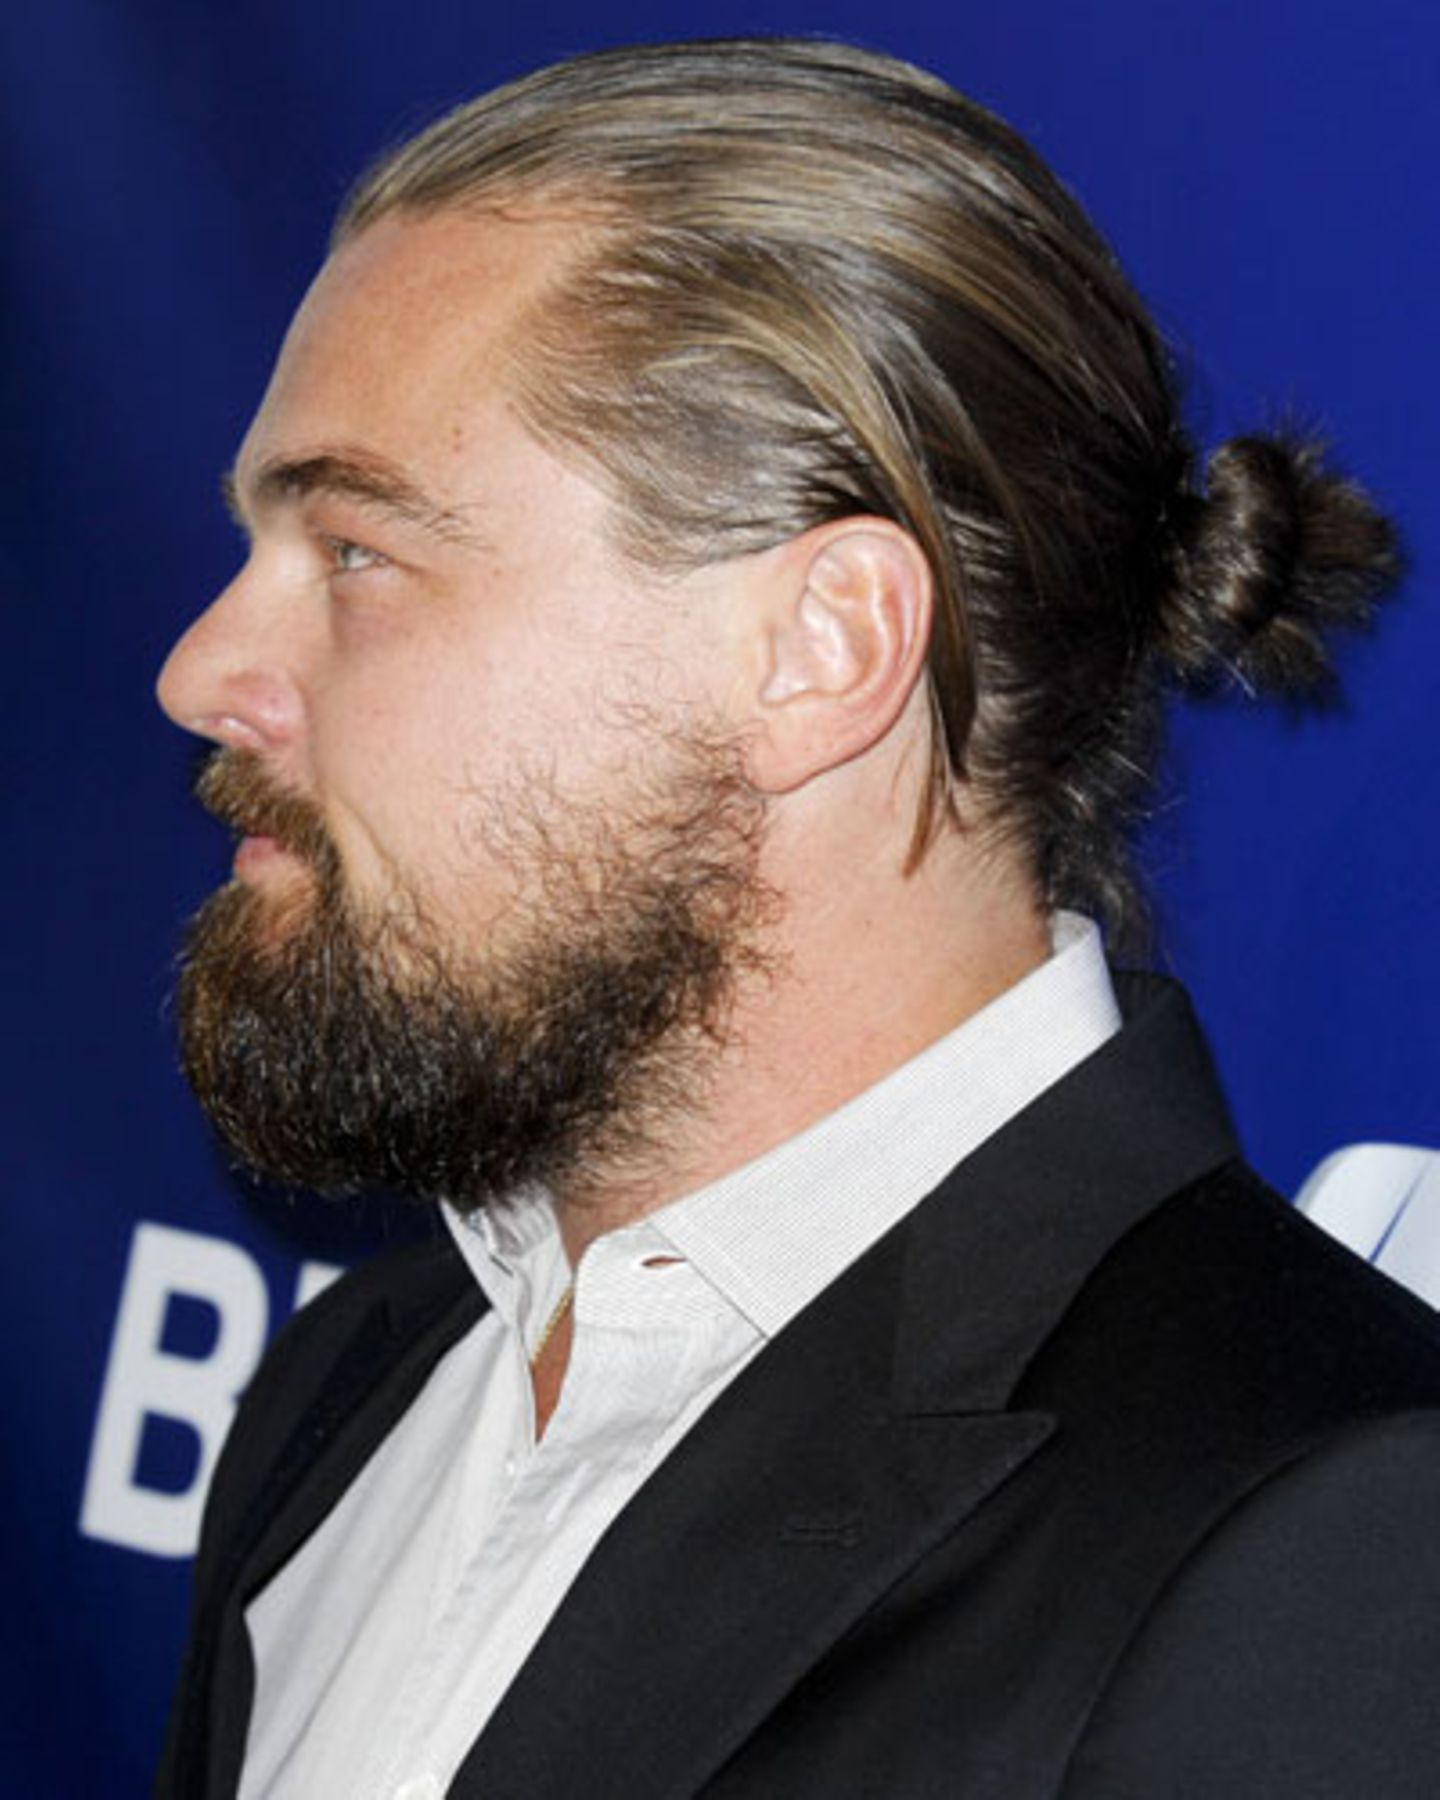 Männer mit Dutt: Der Samurai-Look erobert Hollywood  BRIGITTE.de